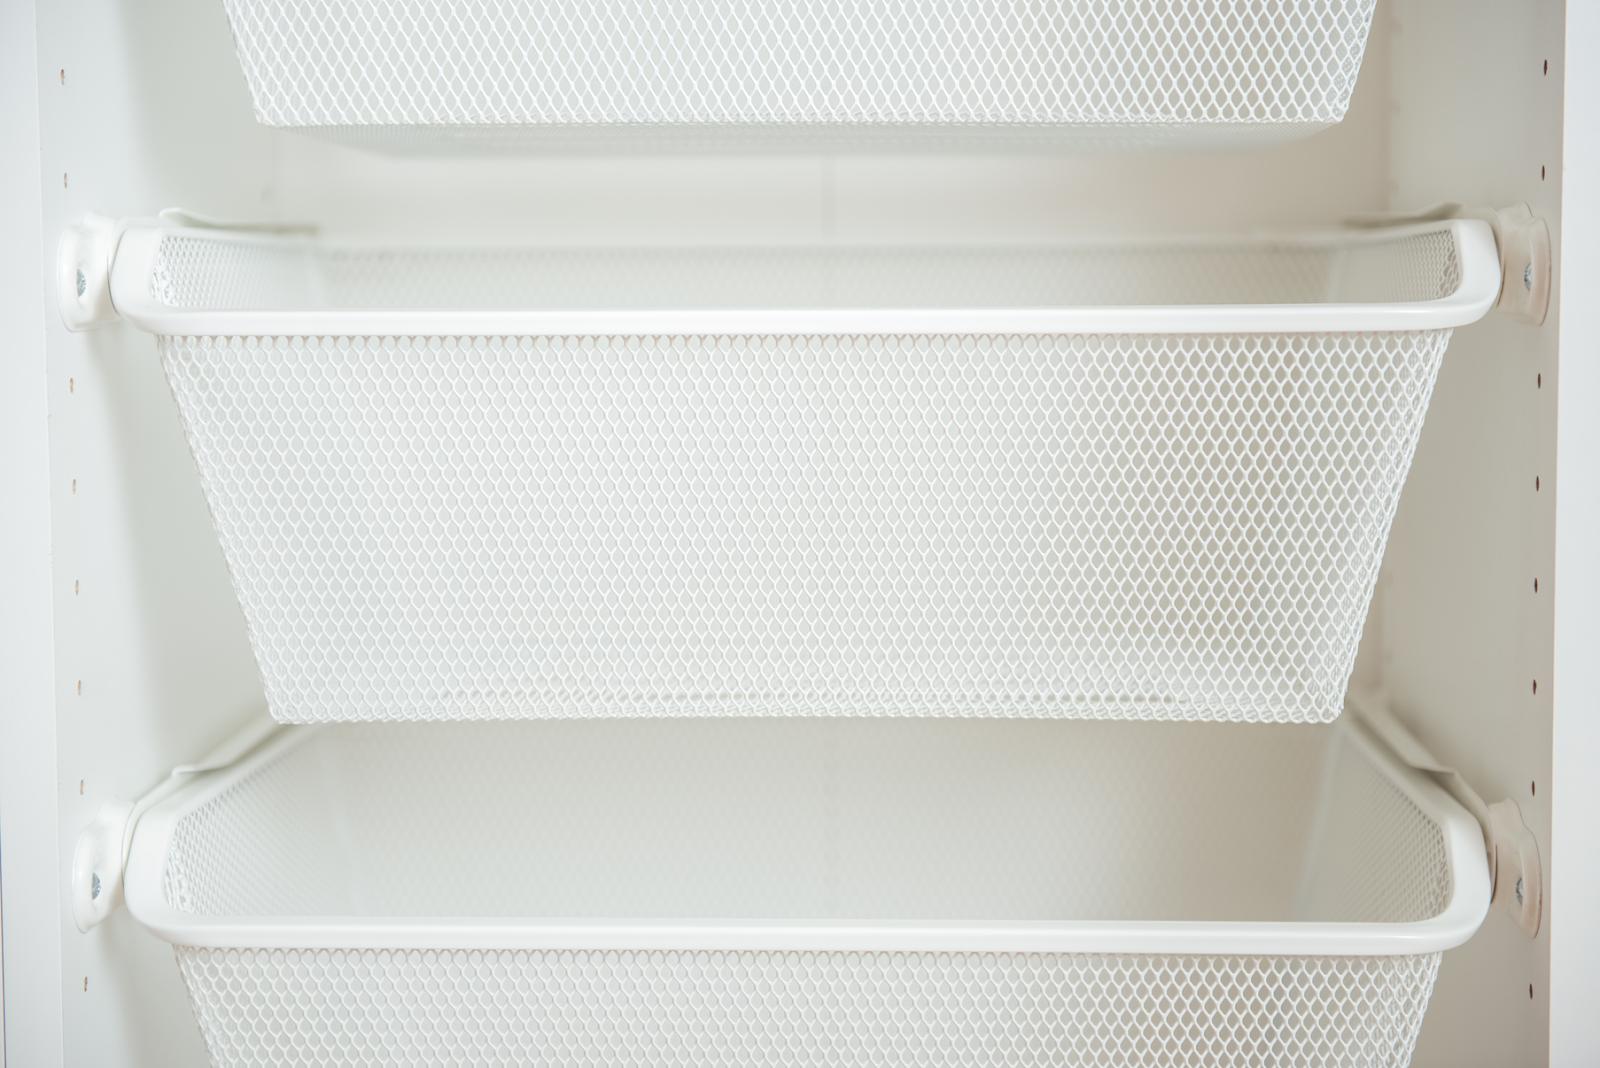 white baskets inside a closet